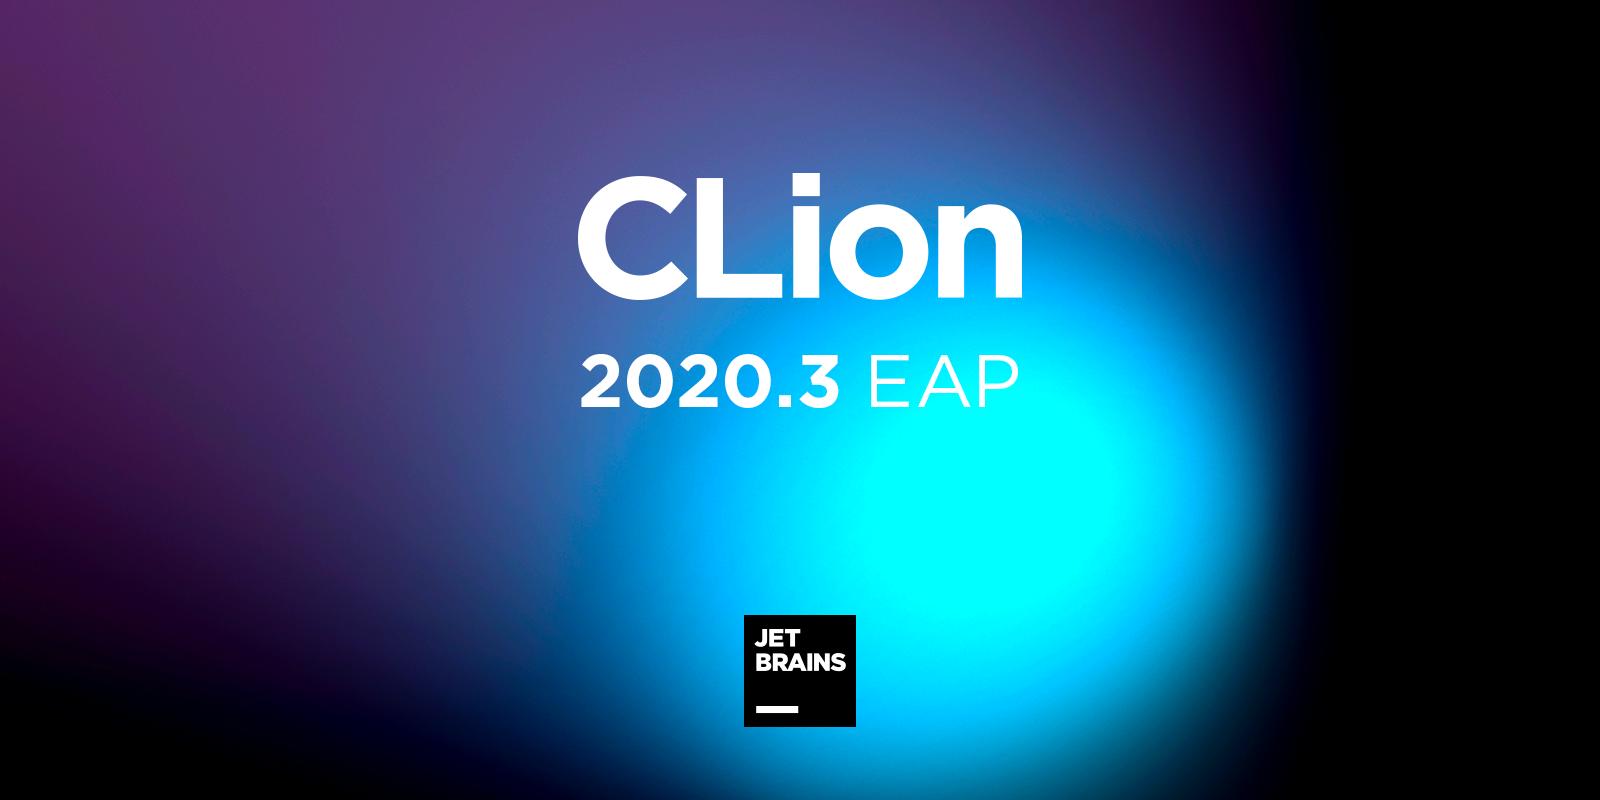 CLion EAP